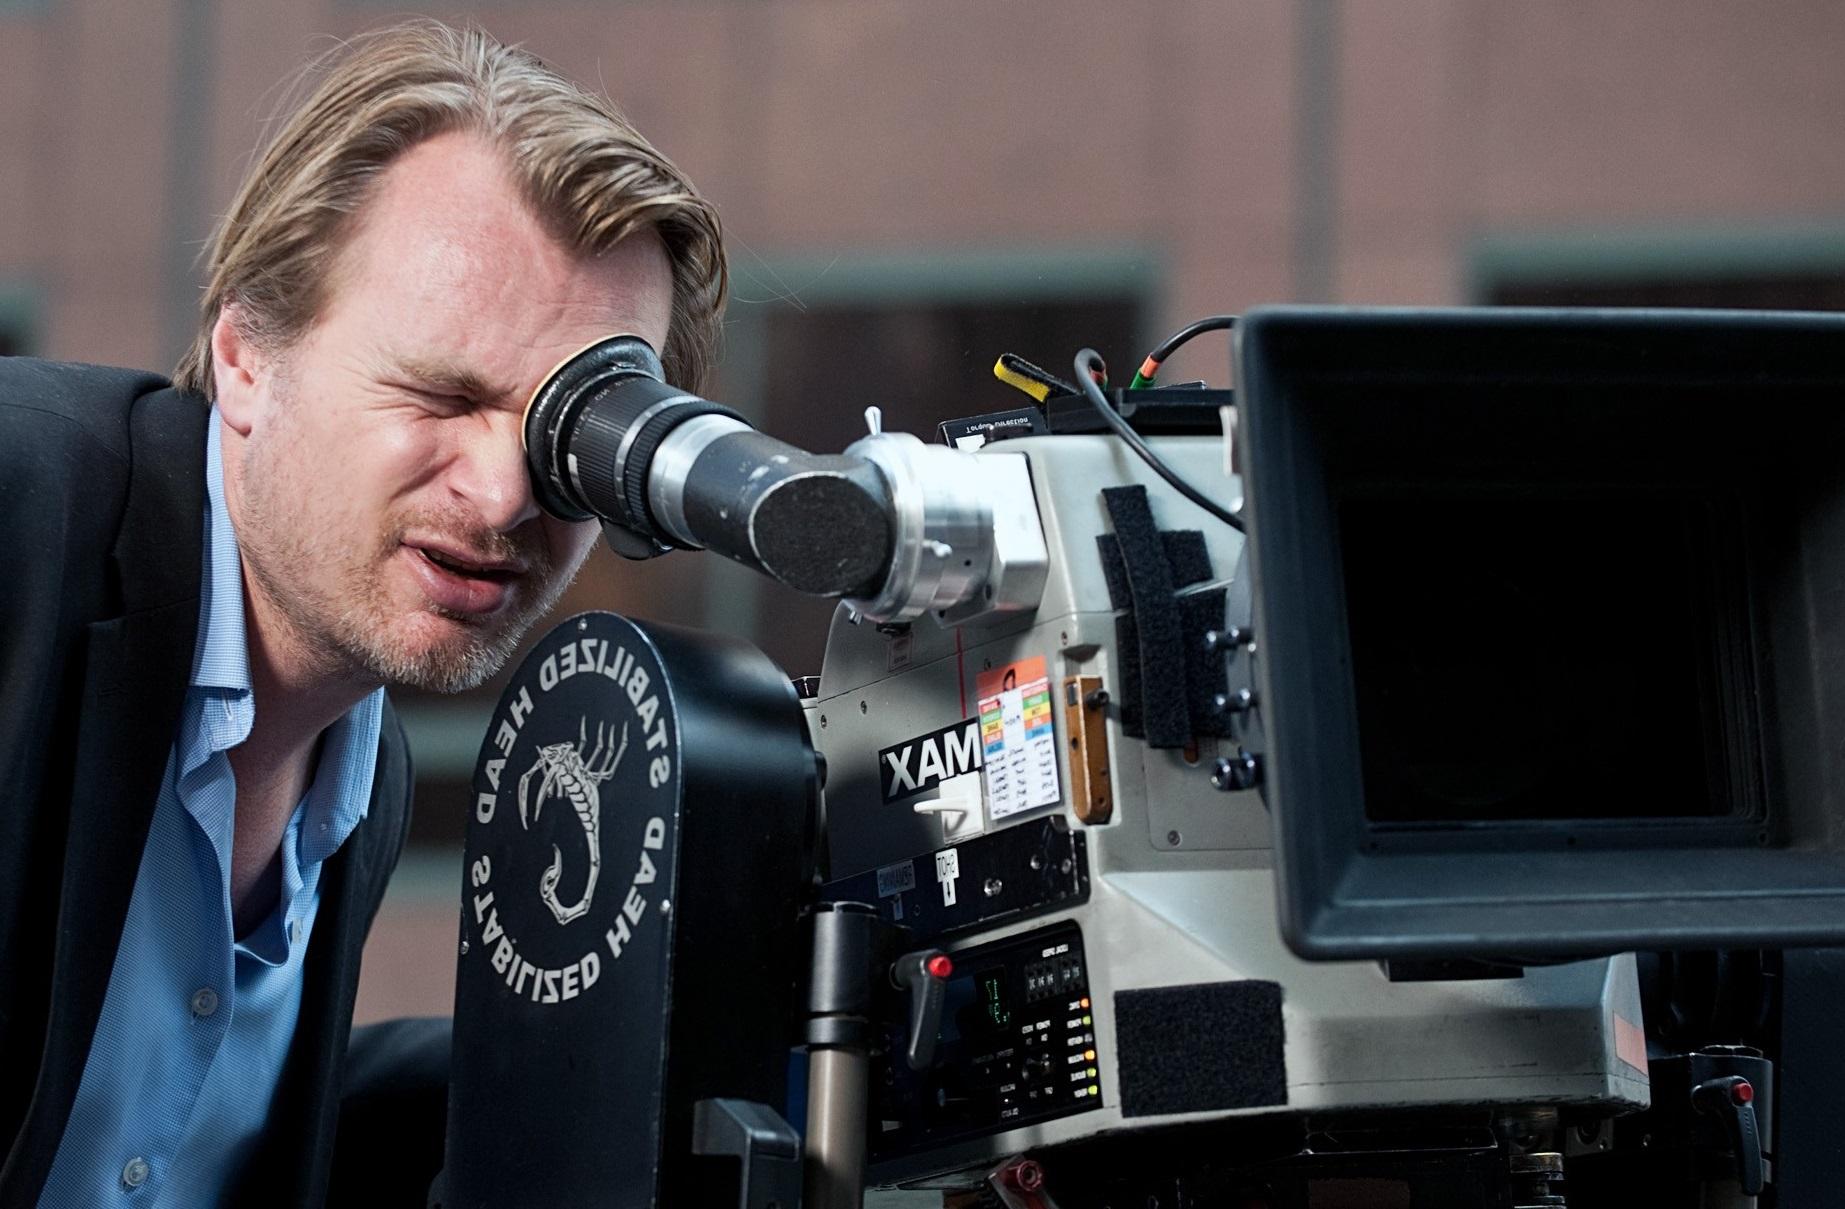 Опубликован список любимых фильмов Кристофера Нолана. Какие ленты нравятся режиссеру